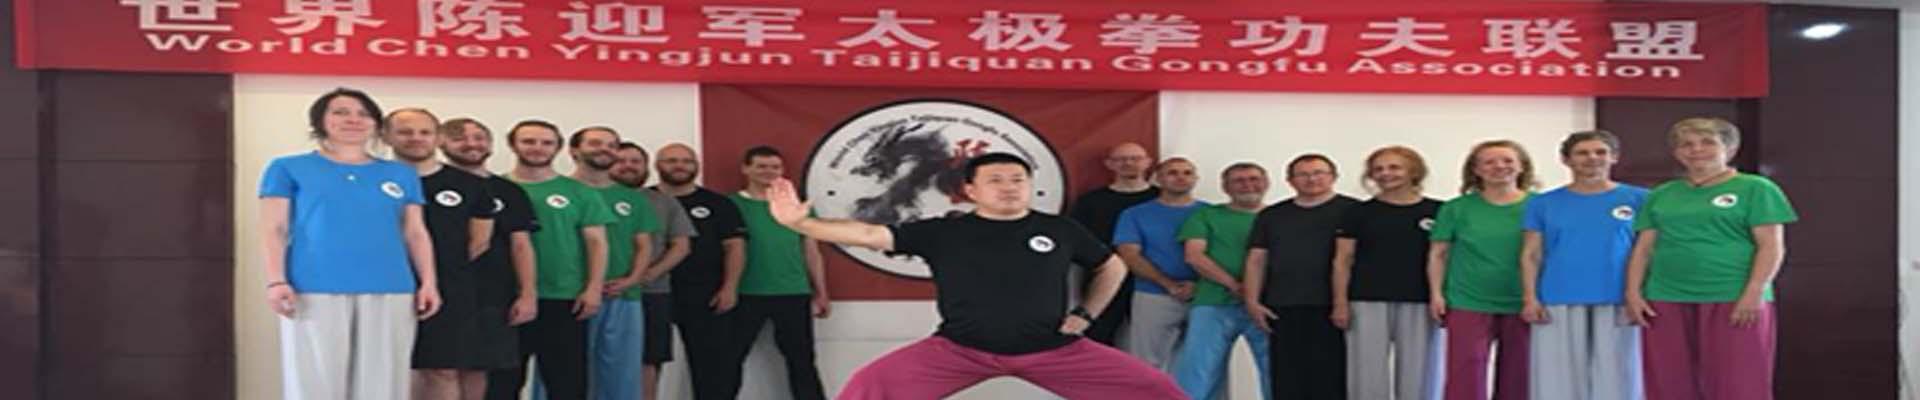 Voyage en Chine 2018